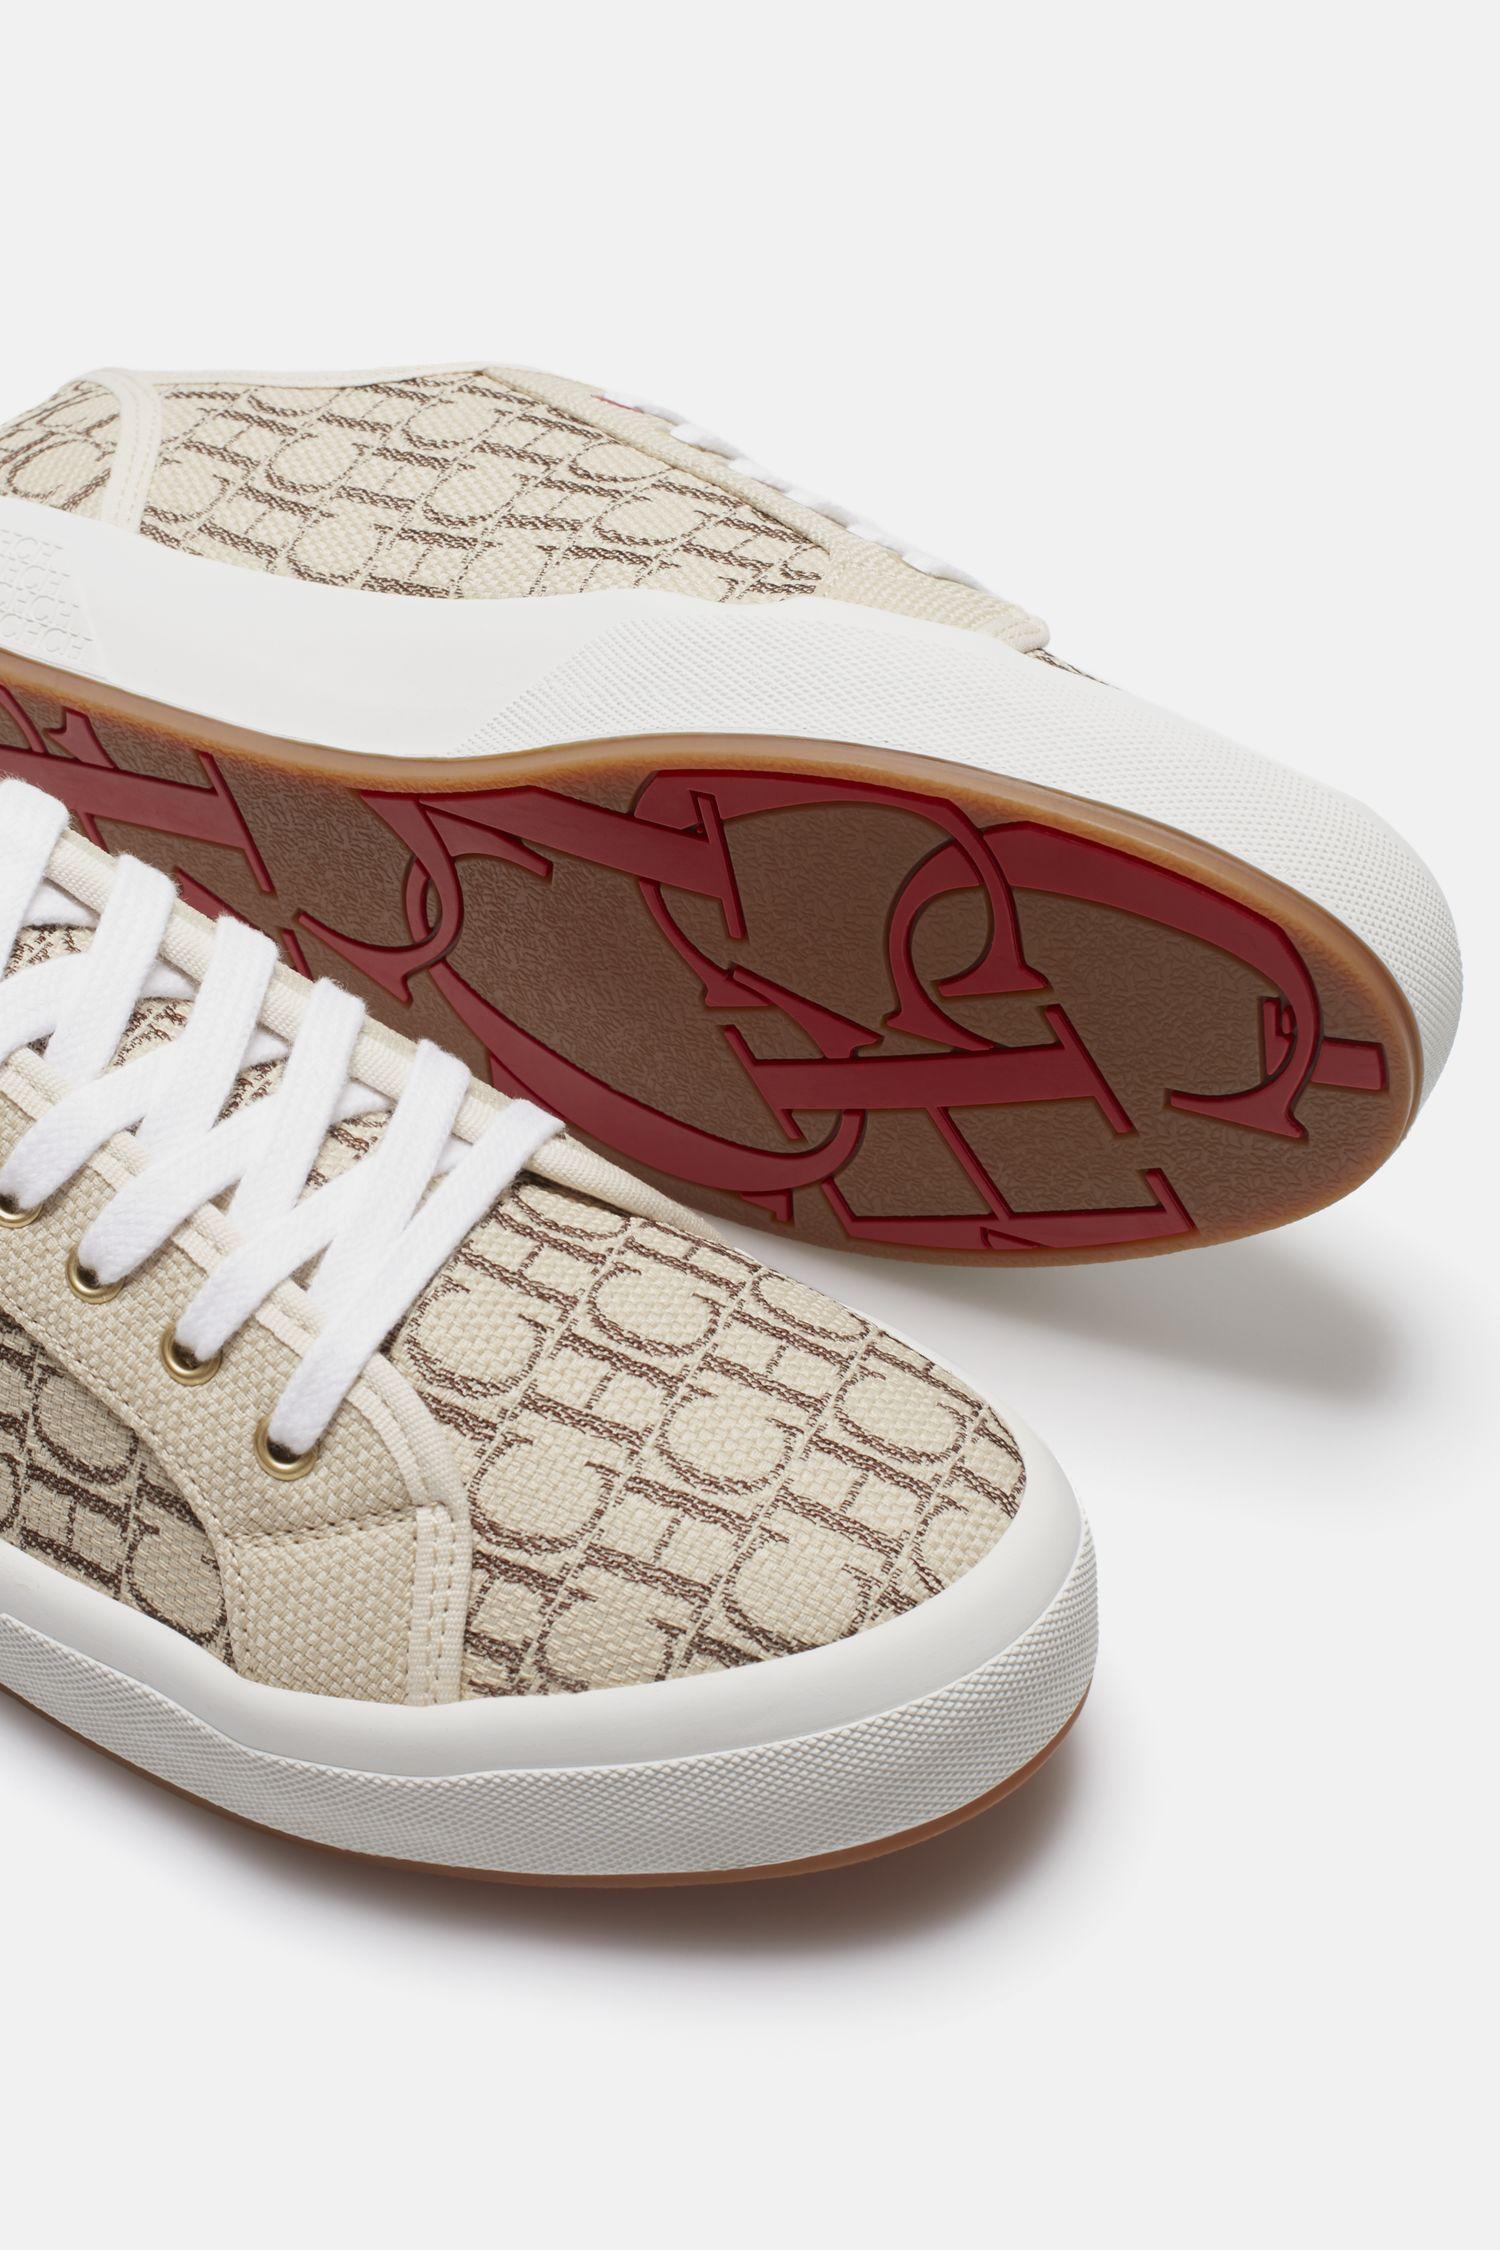 Caracas canvas Bamba sneakers